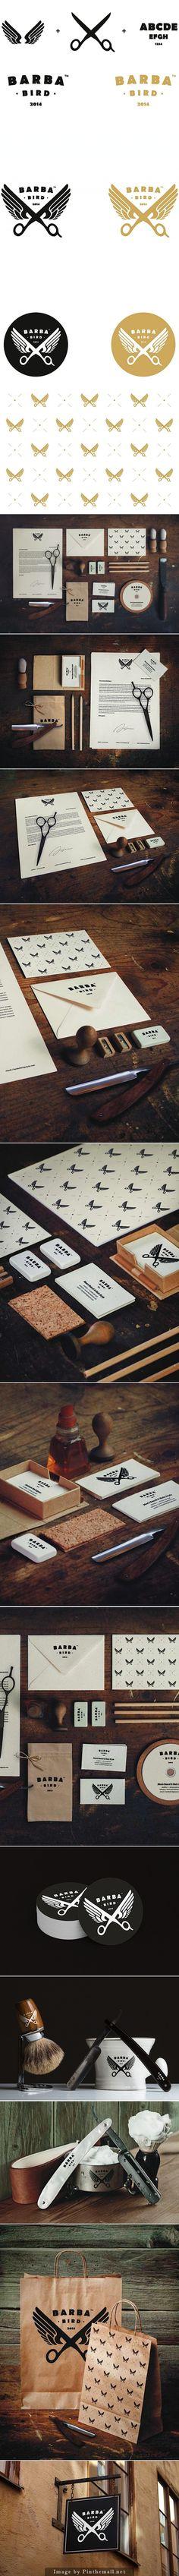 Identity / Barba Bird Brand Study by Dawid Cmok